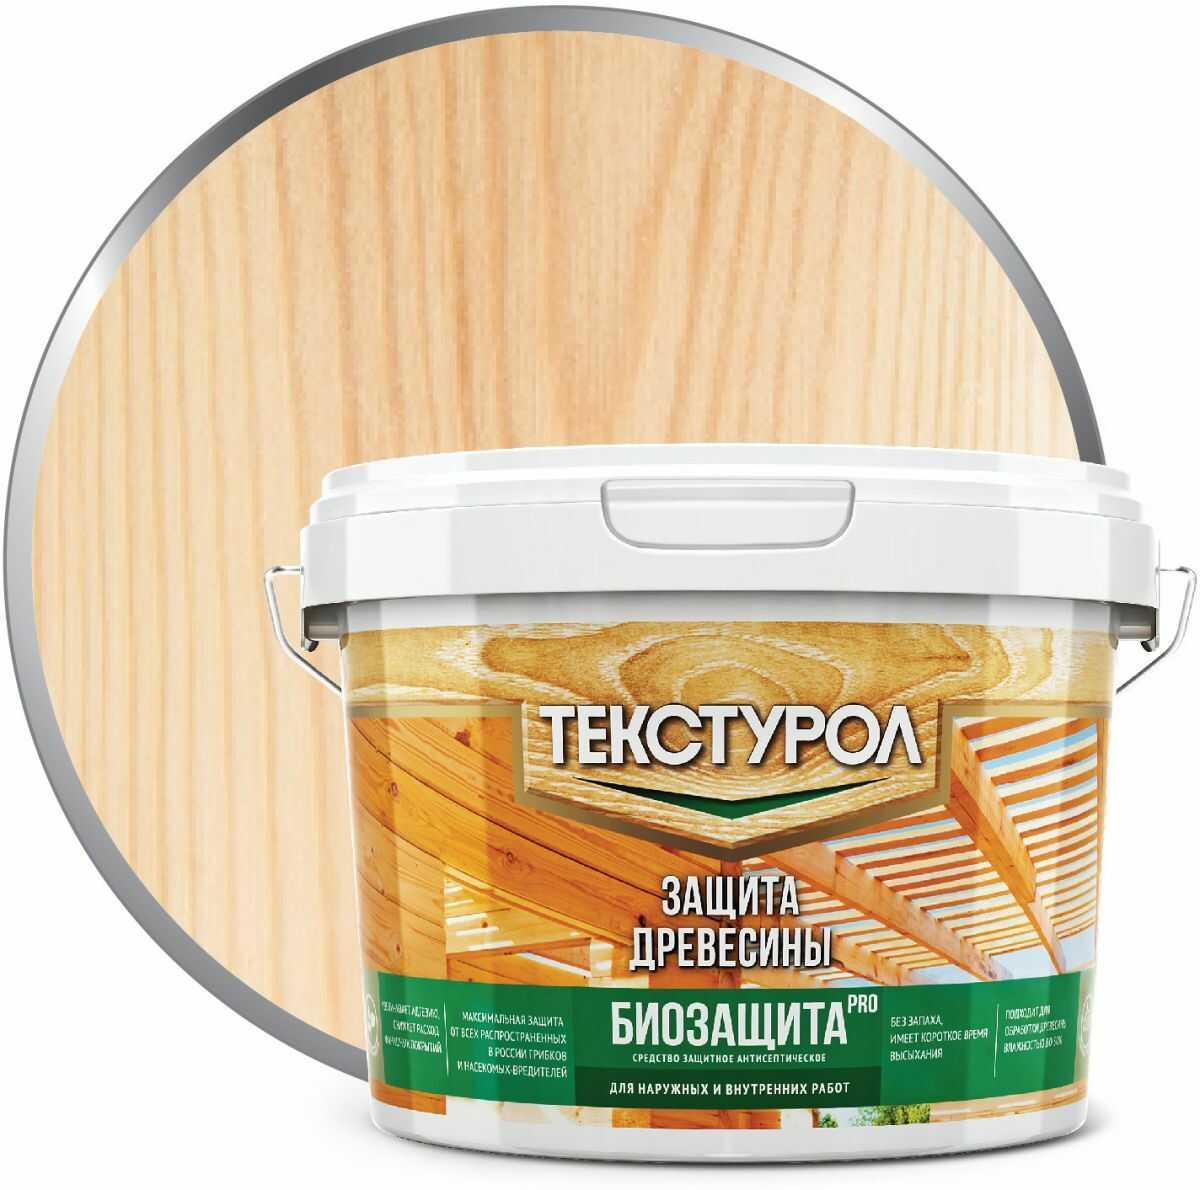 Текстурол (Биозащита PRO)